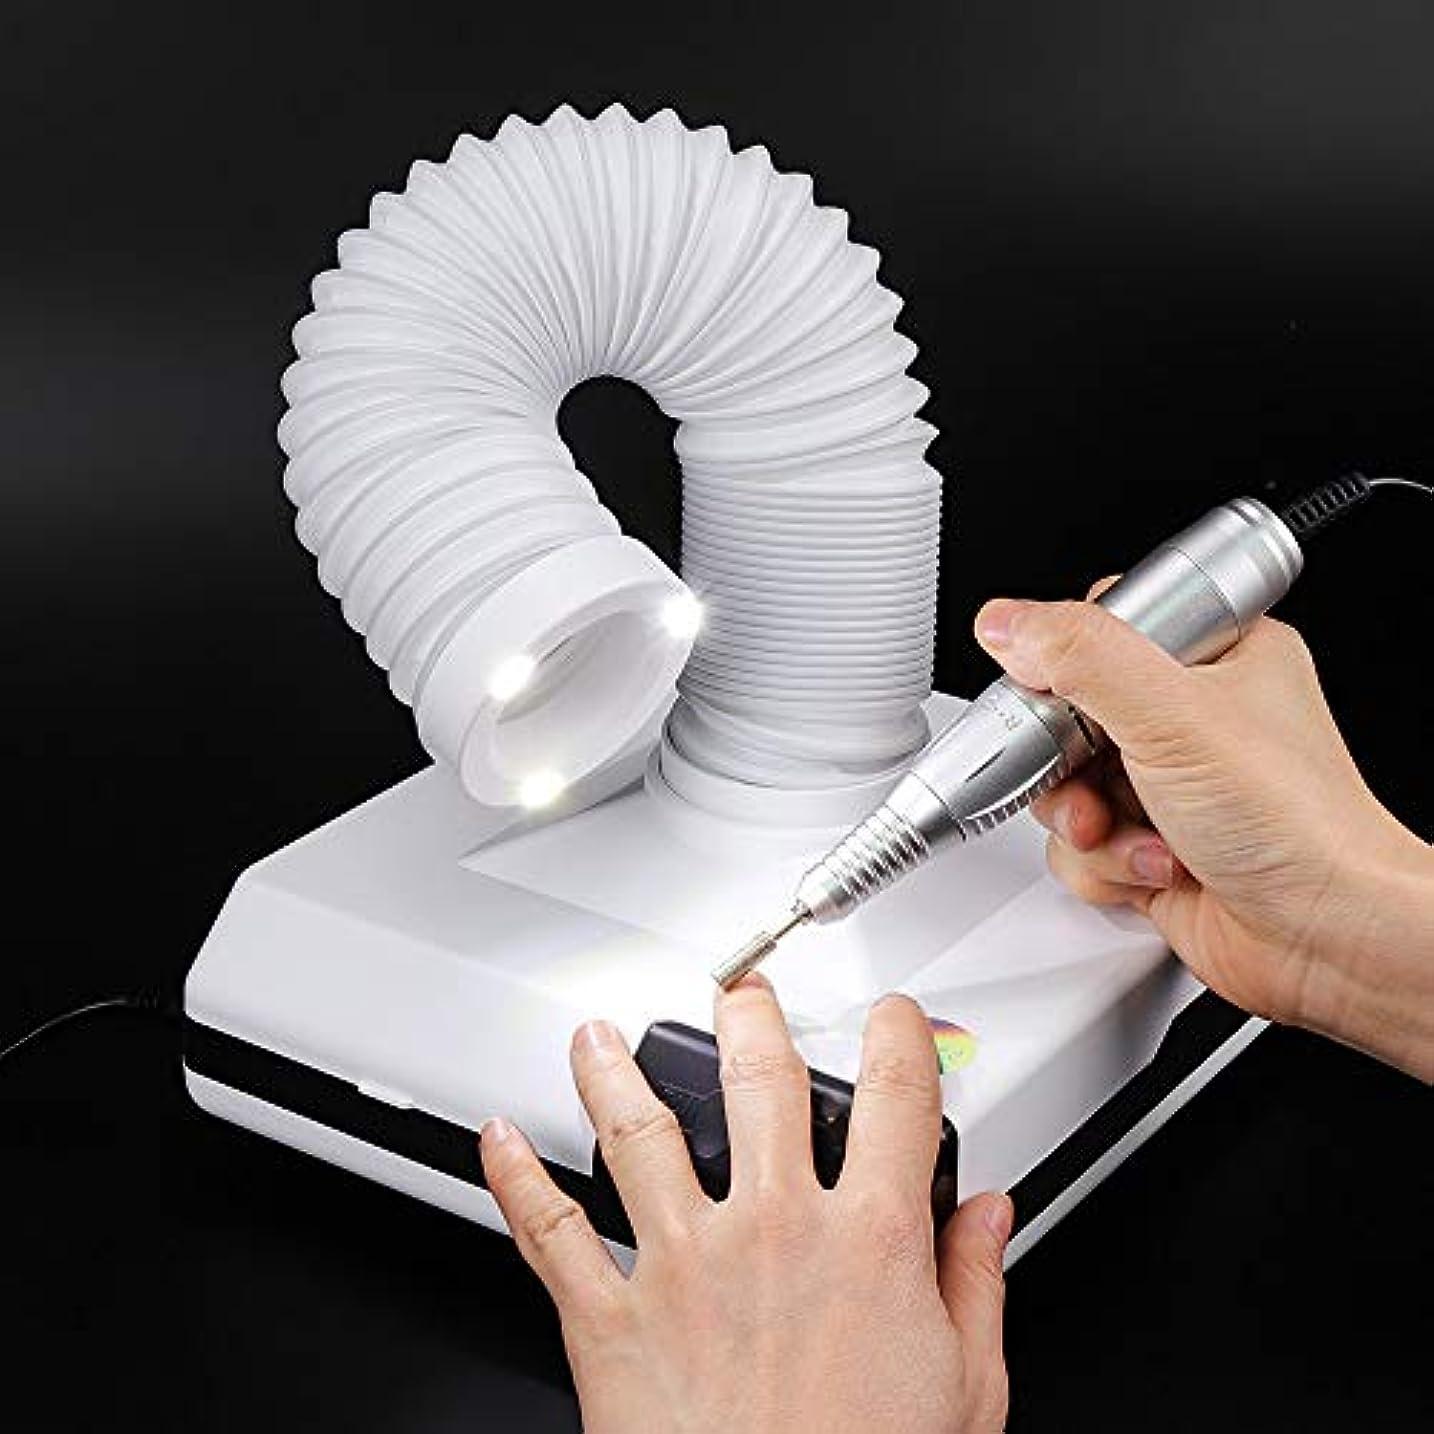 60W 3LED付き 2wayネイルダストコレクター ネイル吸引集塵機 ネイル掃除機 ネイルアート用品